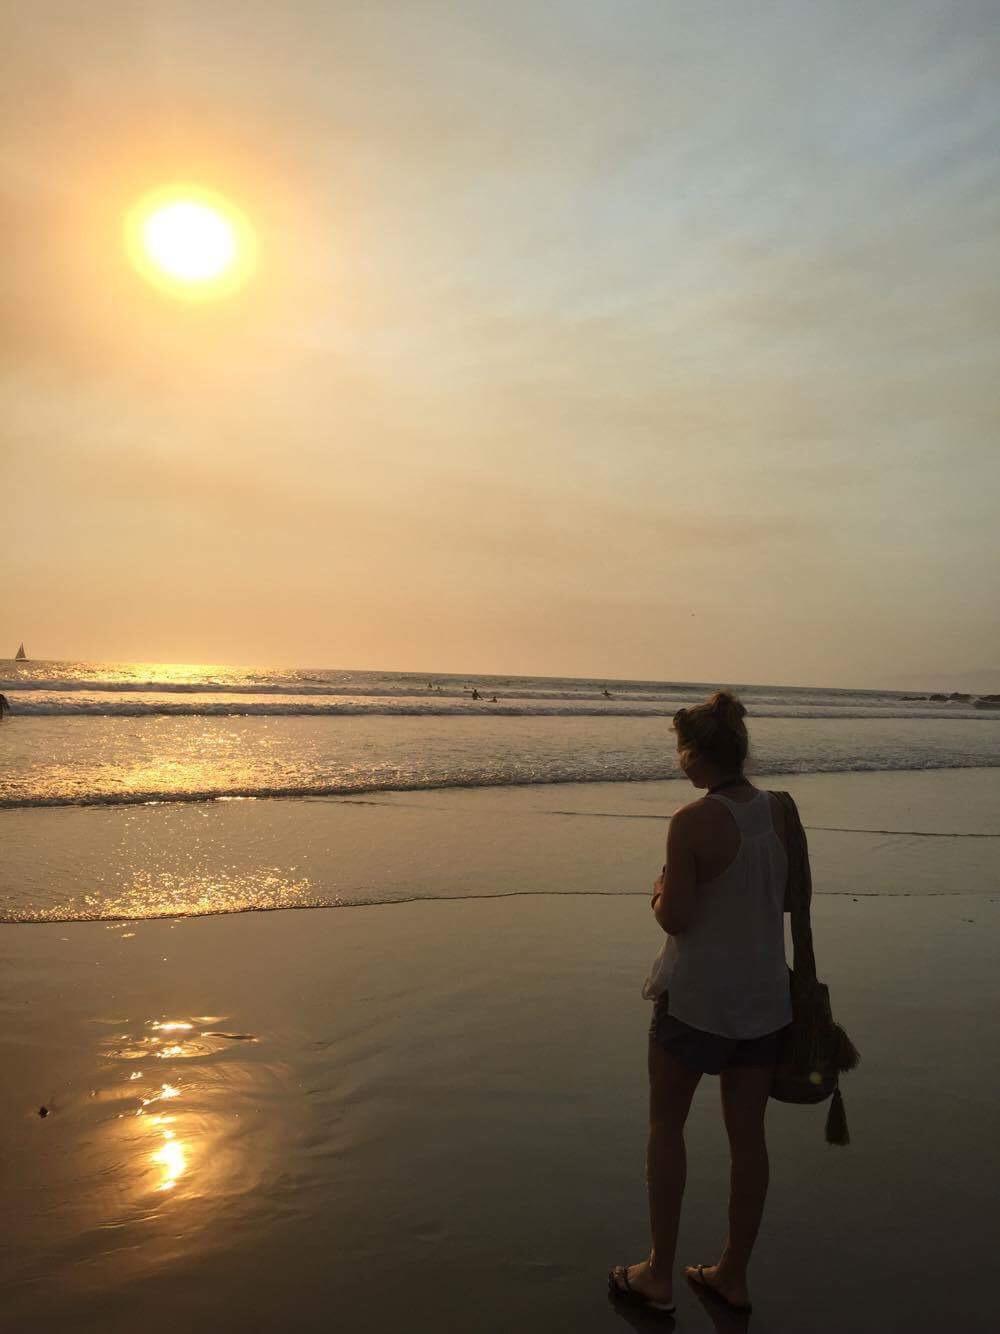 zero waste, peaceful place - venice beach